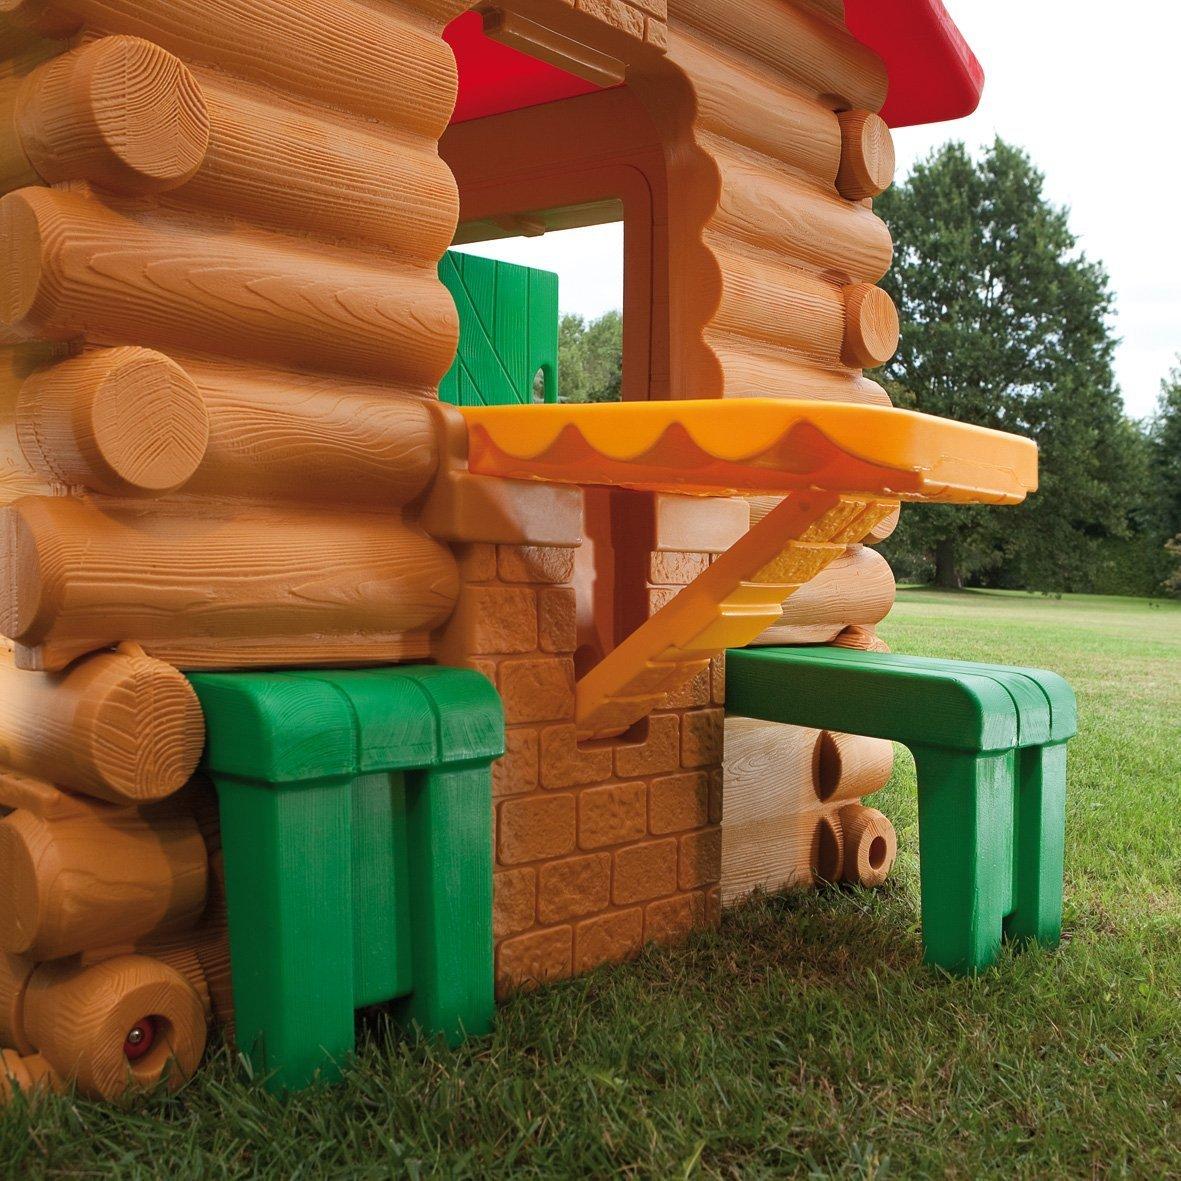 Casetta per bambini da giardino chicco simil chalet legno chicco 30101 casetta chicco - Altalena chicco da giardino ...